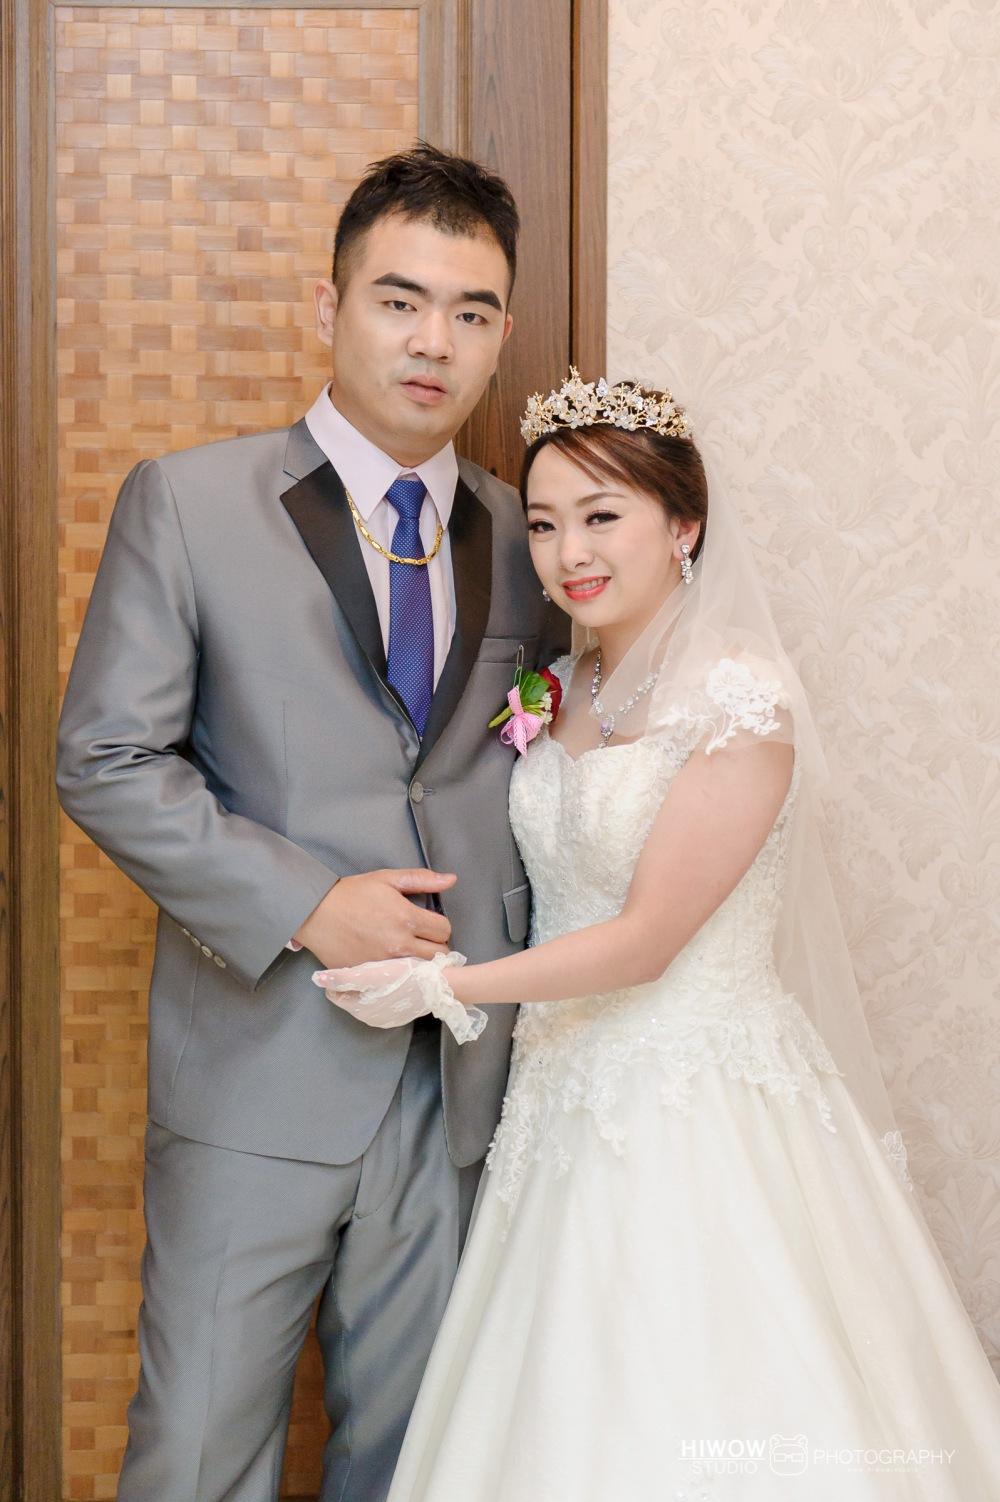 海蛙攝影:austin:hiwal.studio:婚攝:自助婚紗:婚禮紀錄:活動紀錄:淡水:福格飯店:富基采儷婚宴會館62